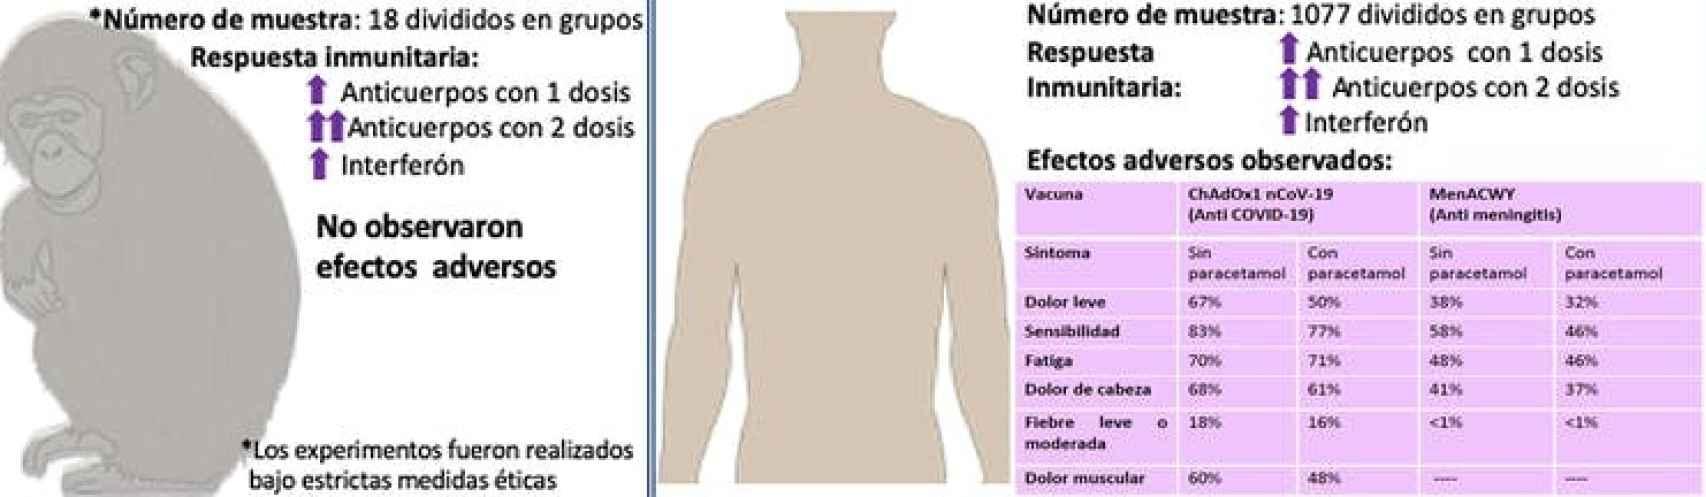 Eficacia y seguridad de la vacuna ChAdOx1 nCoV-19 en animales y en la fase I/II en humanos desarrollada por la Universidad de Oxford.